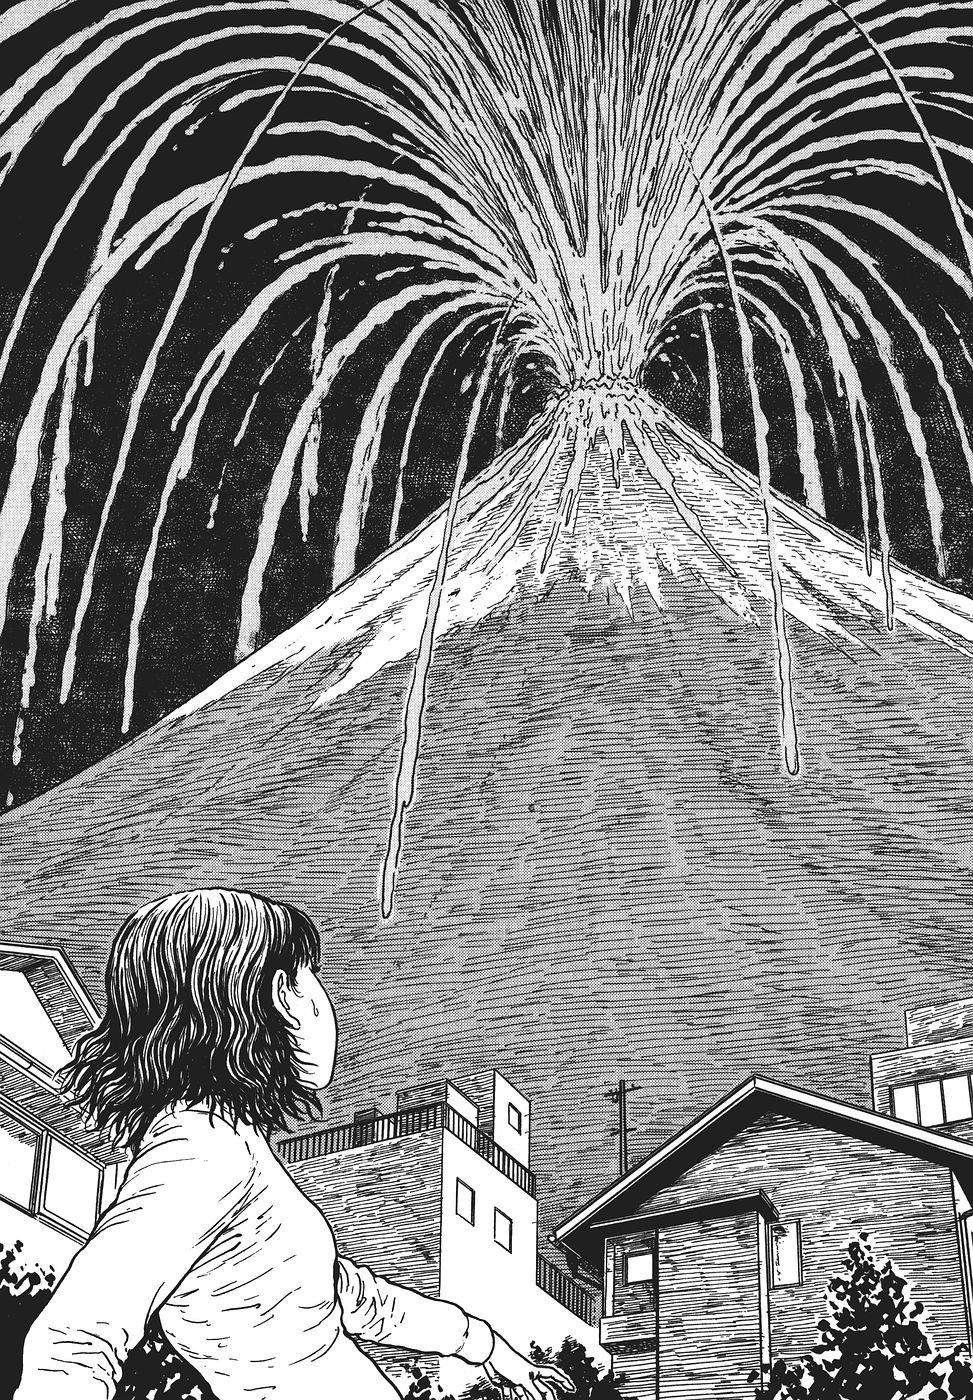 15 tác phẩm kinh dị của【ITOU Junji】mà bất kì fan thể loại horror cũng nên đọc (Phần 2) (5)